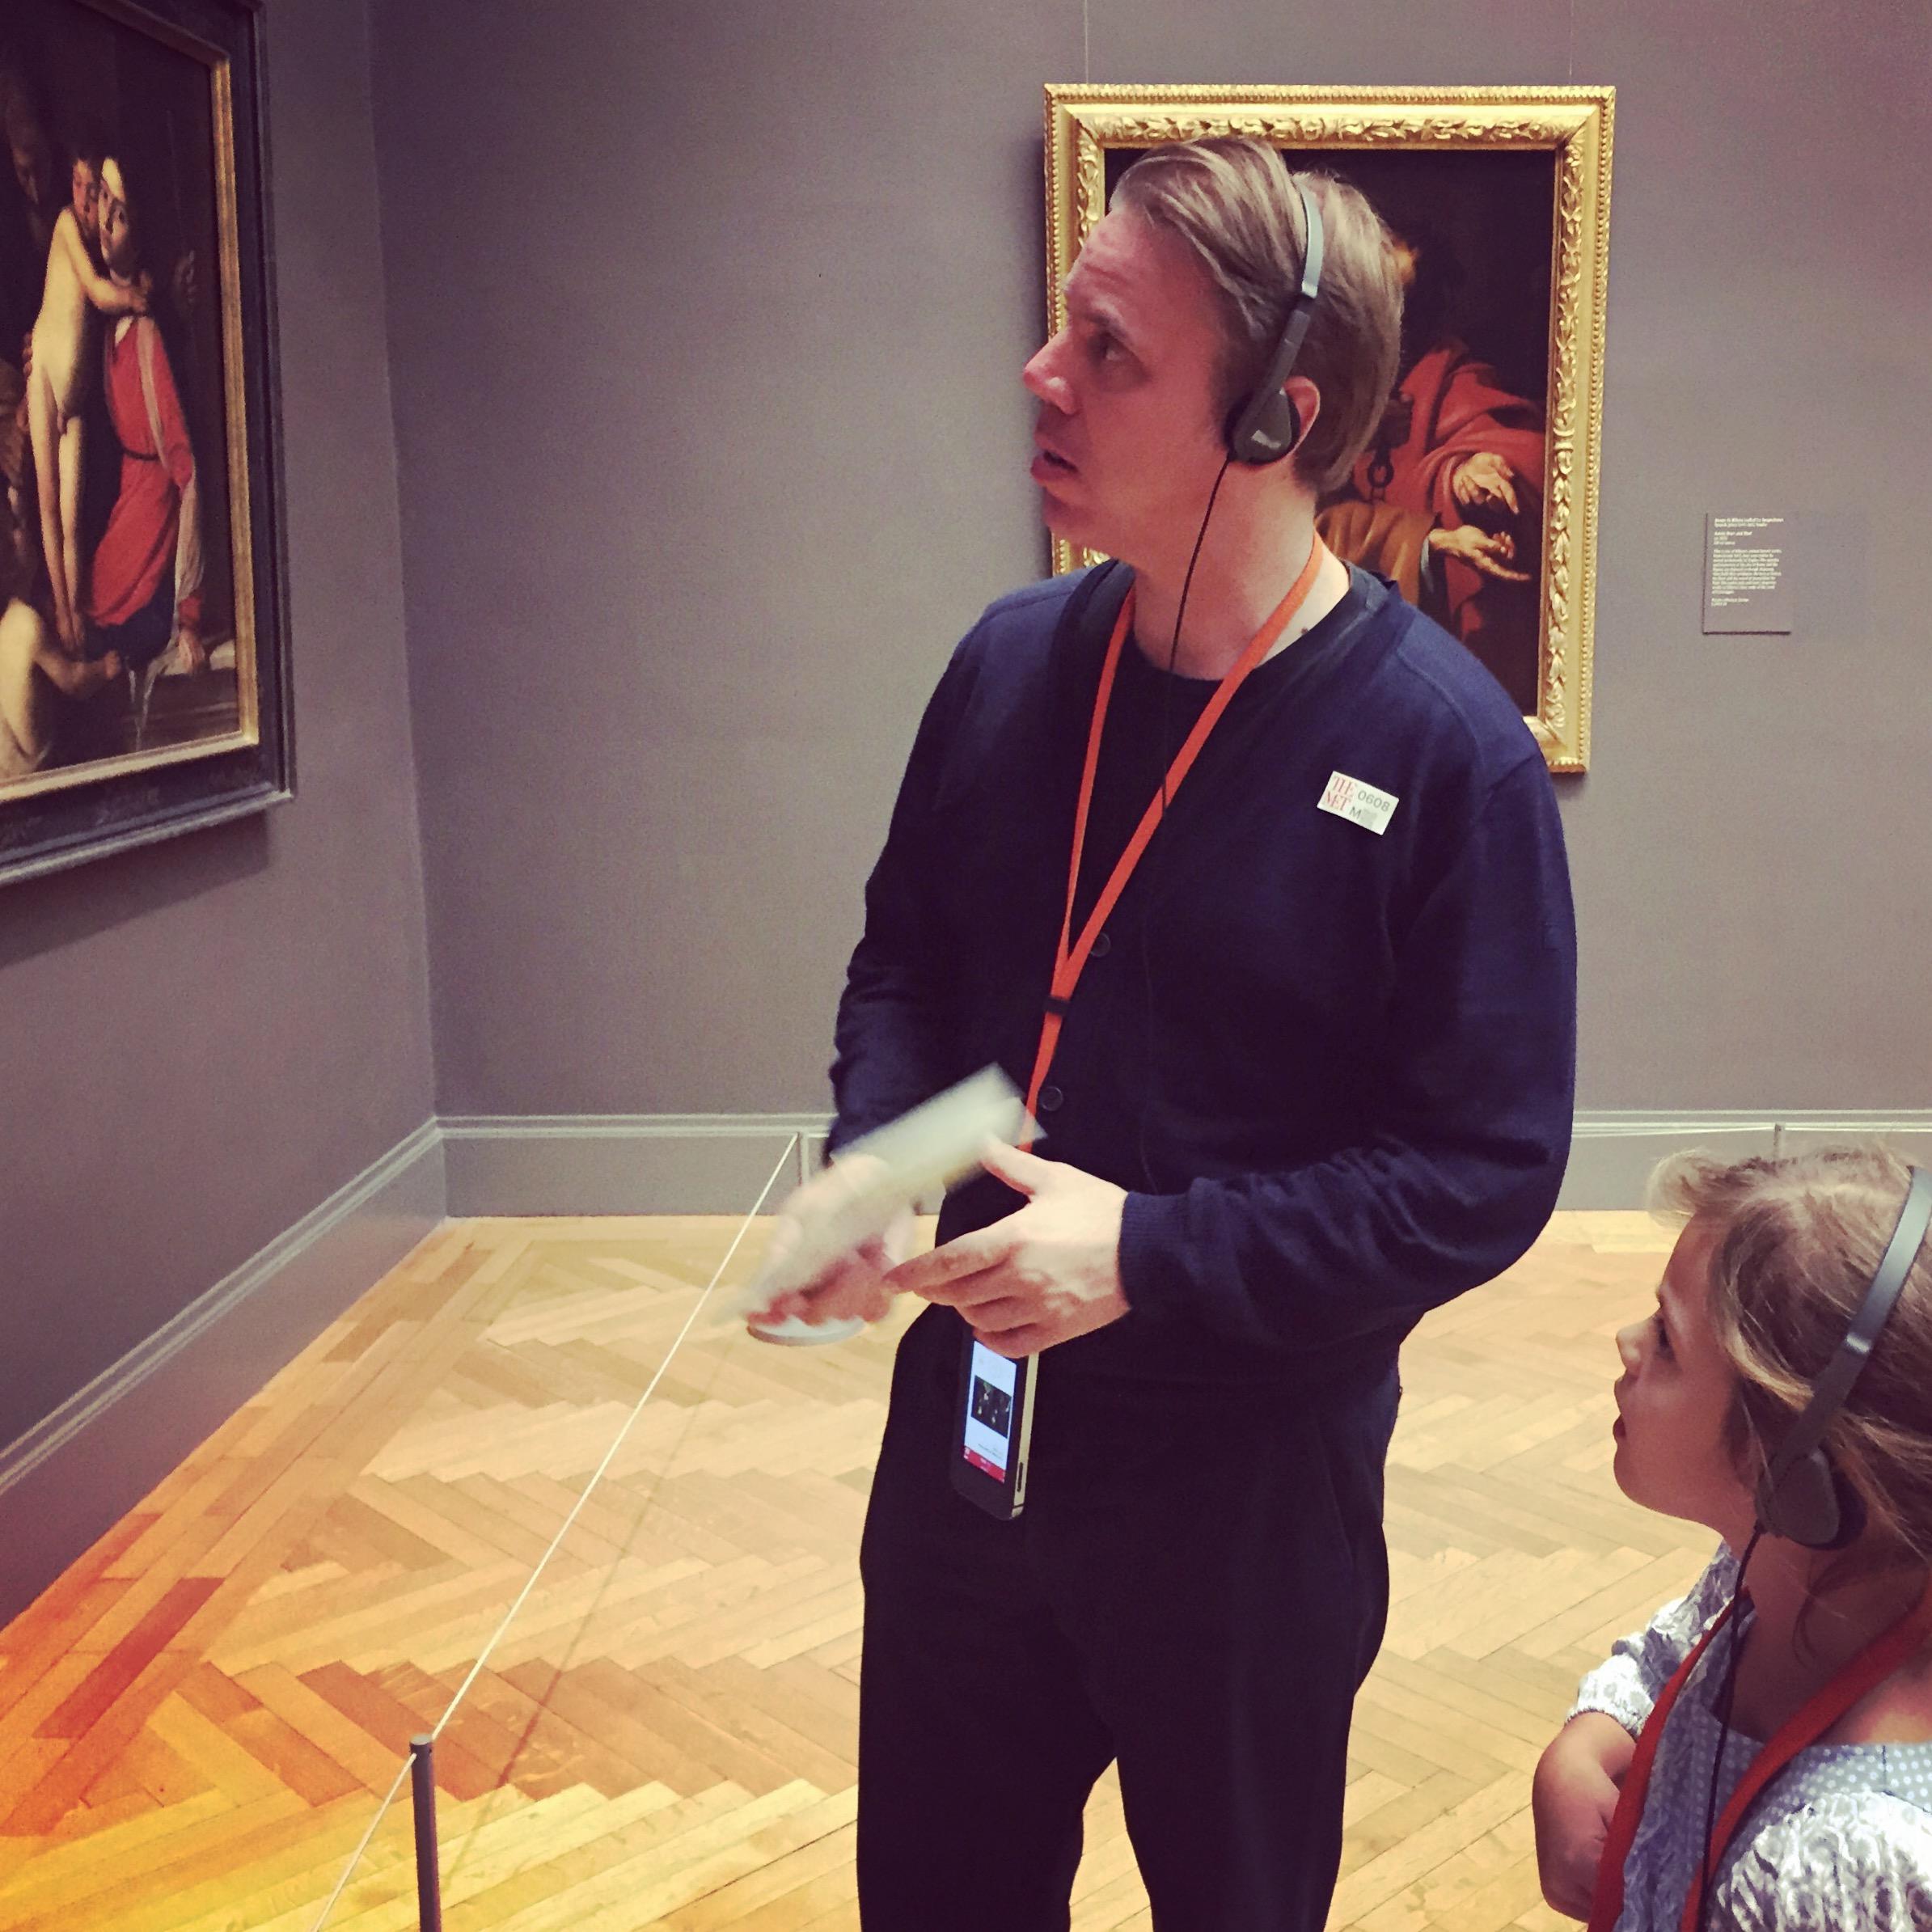 Vater und Tochter im Museum MET, Metropolitan Museum of Art, New York City